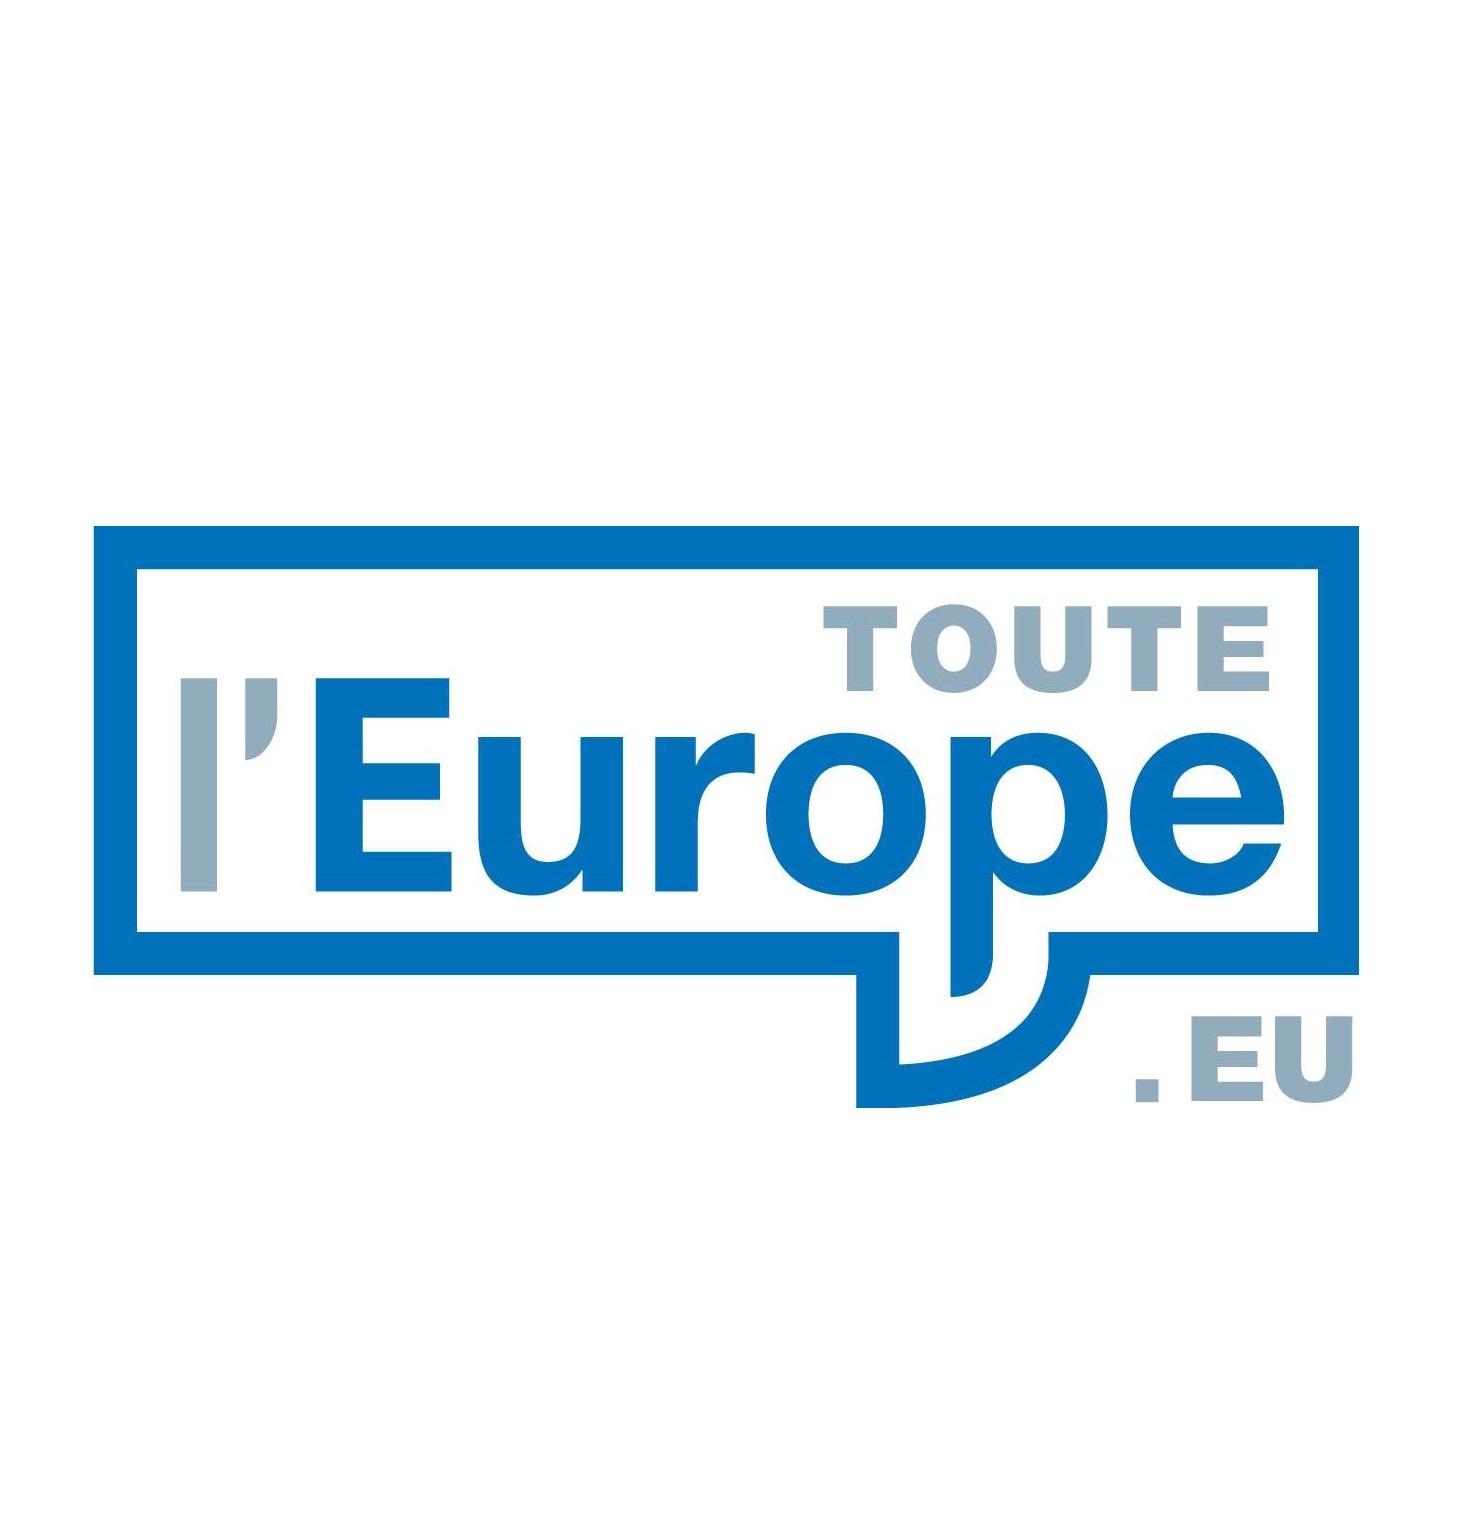 Toute l'Europe, Centre d'information sur l'Europe